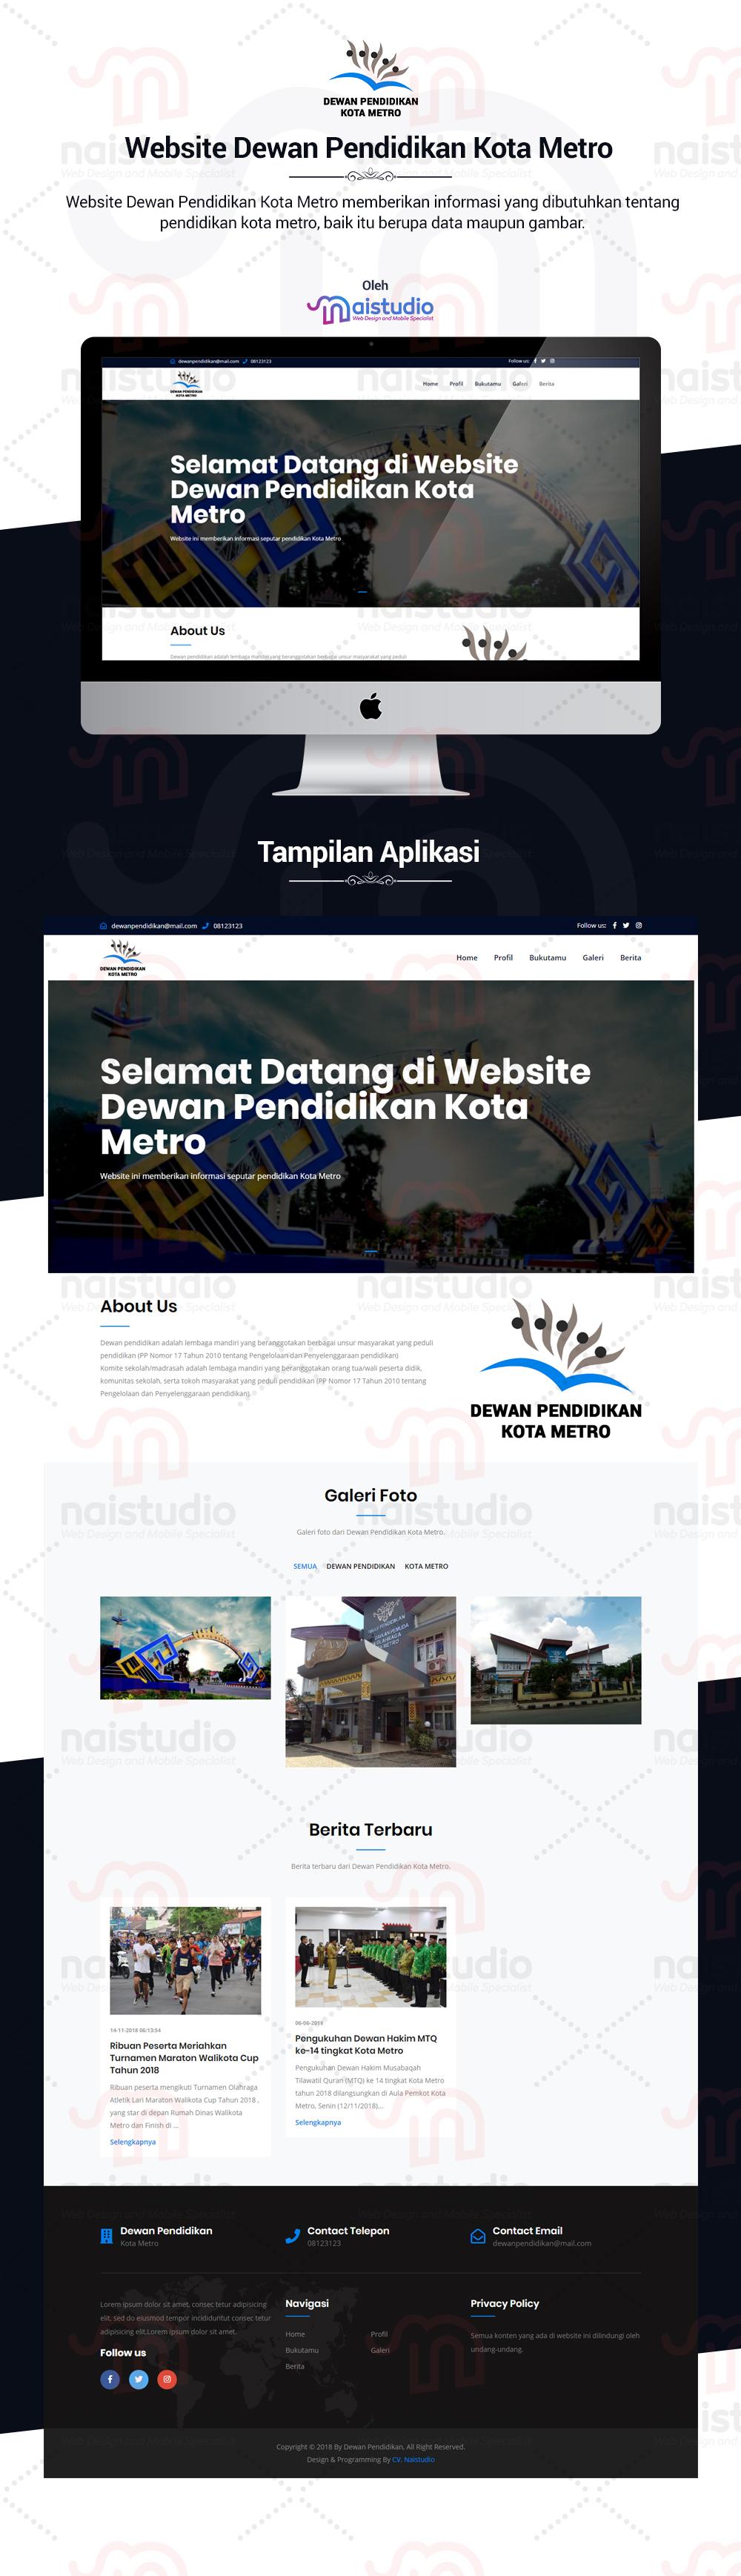 Website Dewan Pendidikan Kota Metro